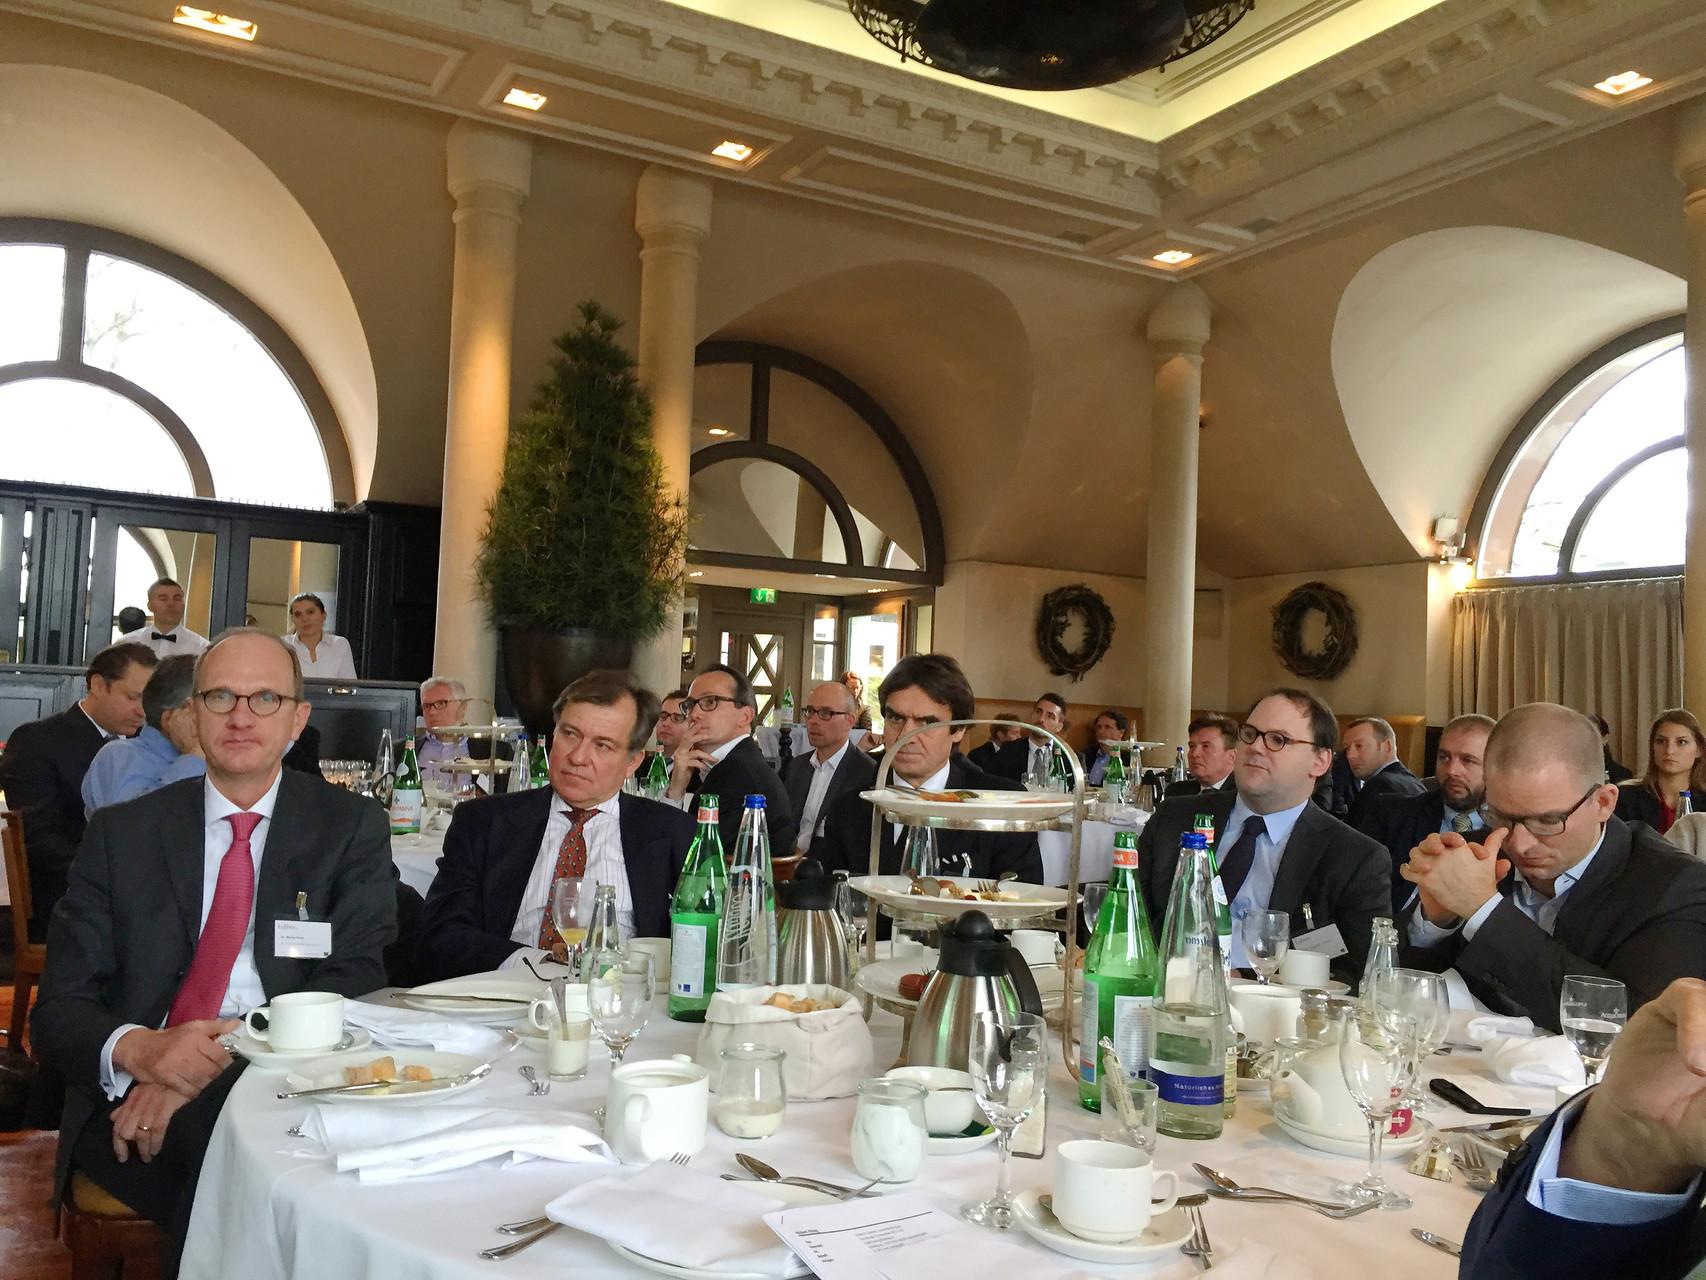 """Erster von links: Dr. Stefan Gros präsentierte zu Beginn der Varanstaltung das Impulsreferat: """"Erfolgsfaktoren bei der Unternehmens-Restrukturierung aus Sicht eines CFO / CROs""""."""